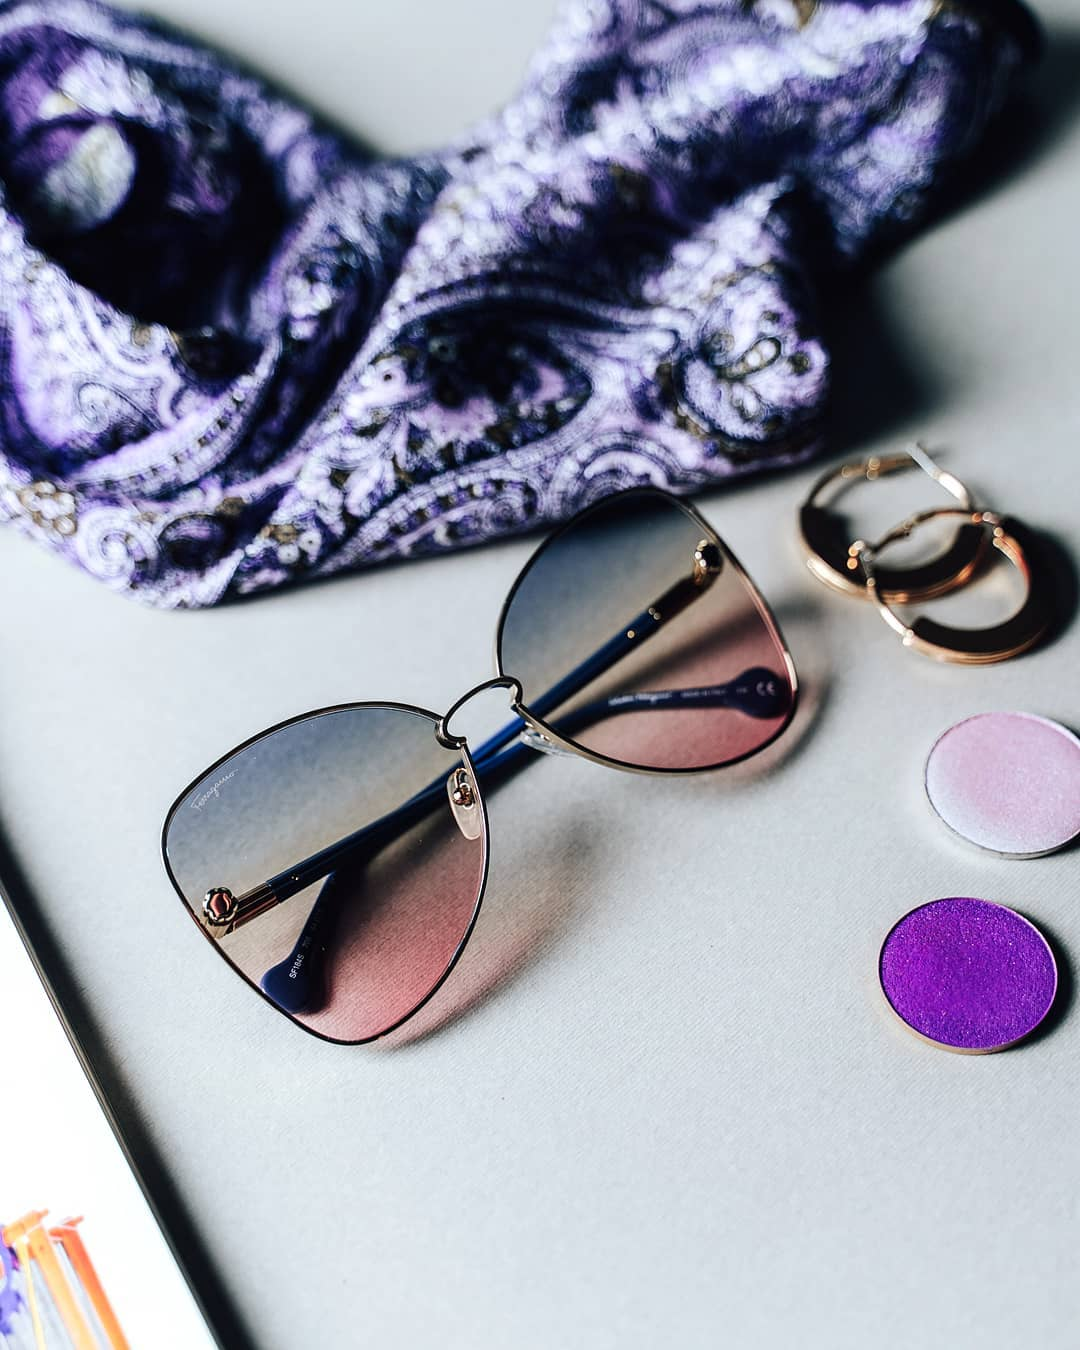 Tak jak je motýl jedním z nejhezčích představitelů jarní přírody, tak i motýlí obroučky patří mezi ty nejkrásnější Není divu, že jsou jedním z největších trendů roku 2020  . . . . . #SalvatoreFerragamo #vasecocky #slunecnibryle #sunglasses #fashioneyewear #fashioninspiration #sunglasseslover #sunglassestrends #eyewearfashion #eyeweartrends #eyewearlover #instaglasses #sunnies